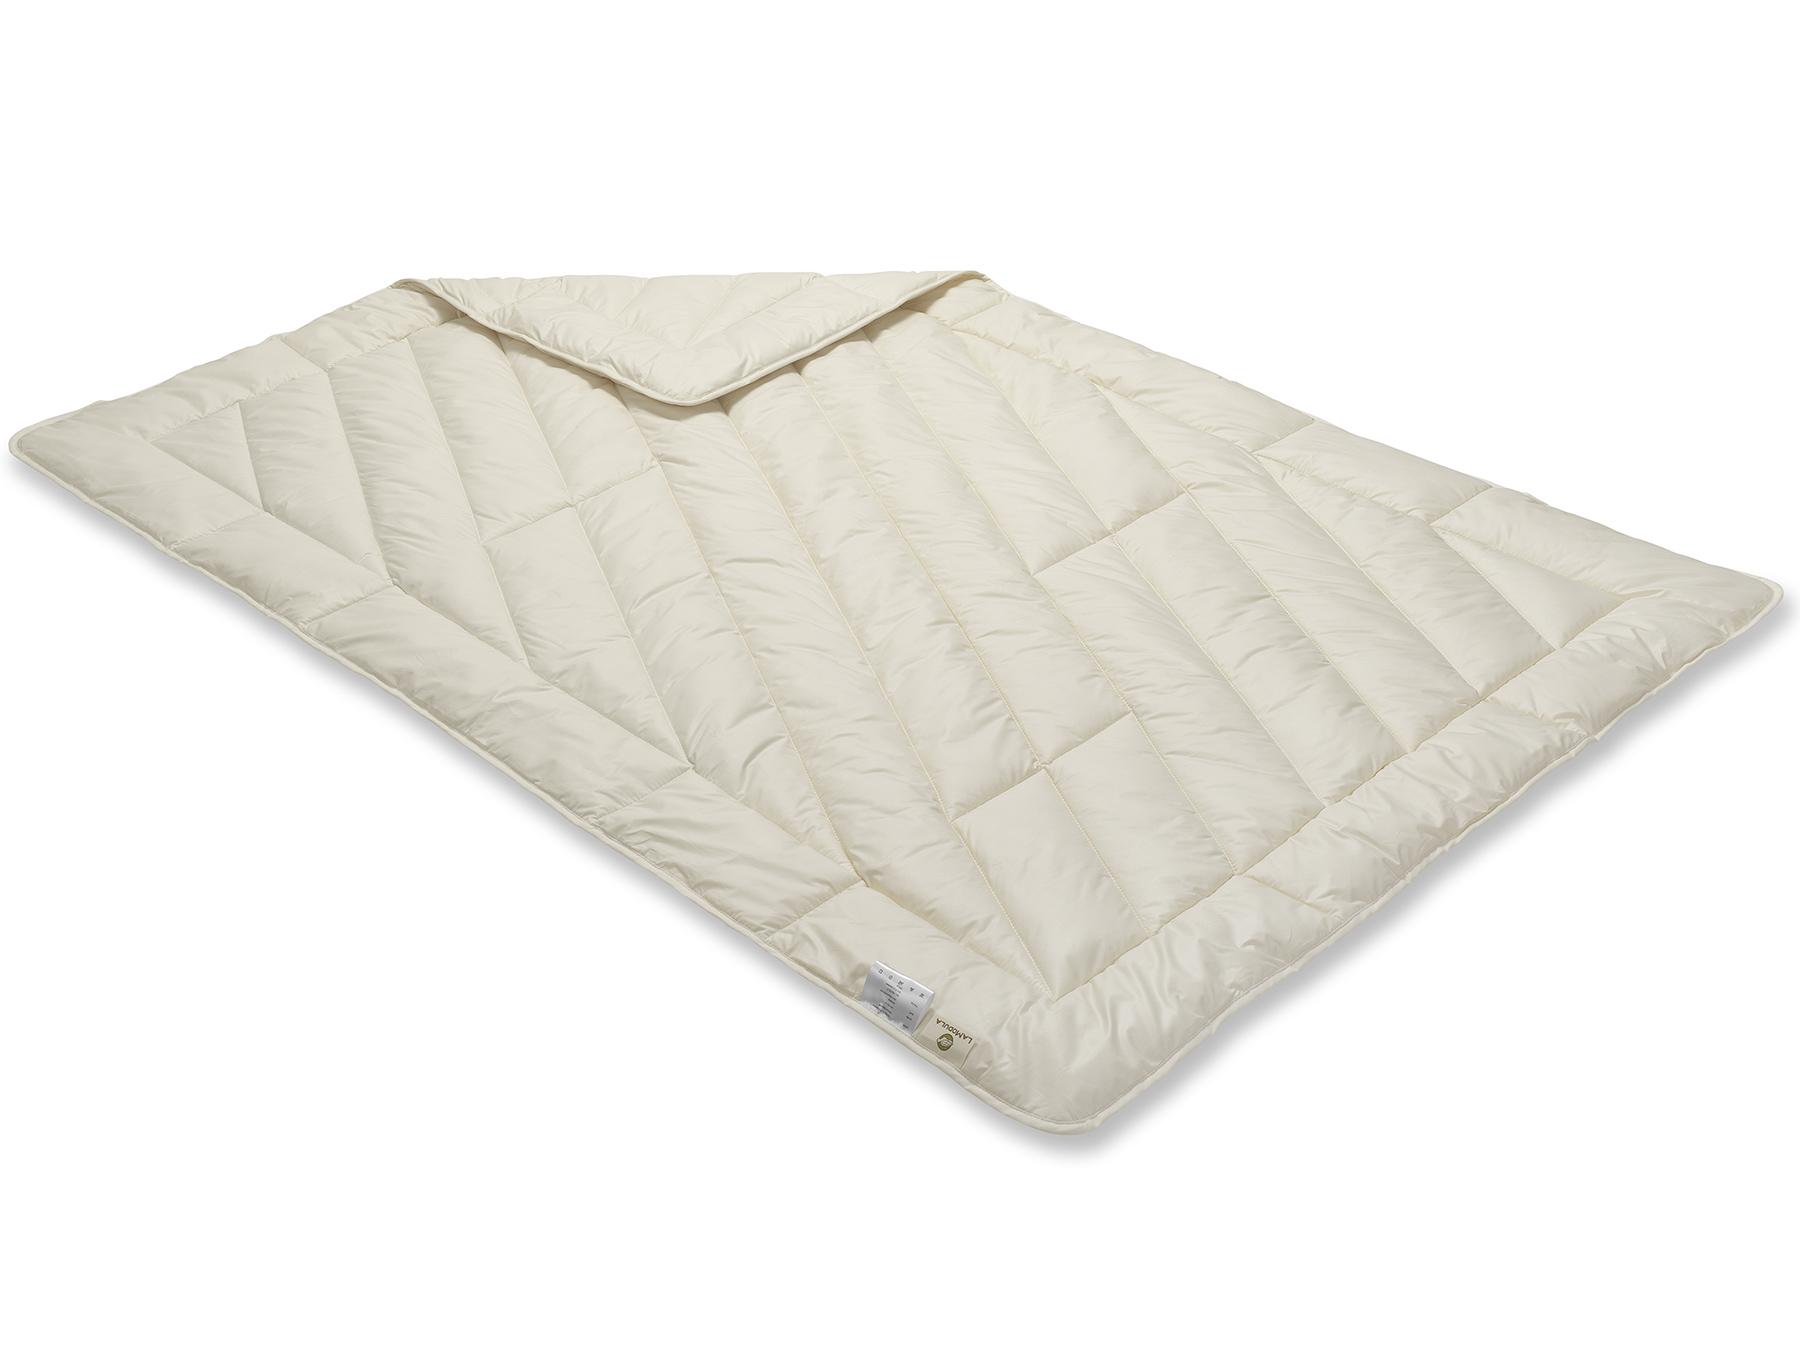 Diese Decke wird sorgfältig mit der Einnadeltechnik hergestellt und schimmert aufgrund der weißen Füllung cremig.